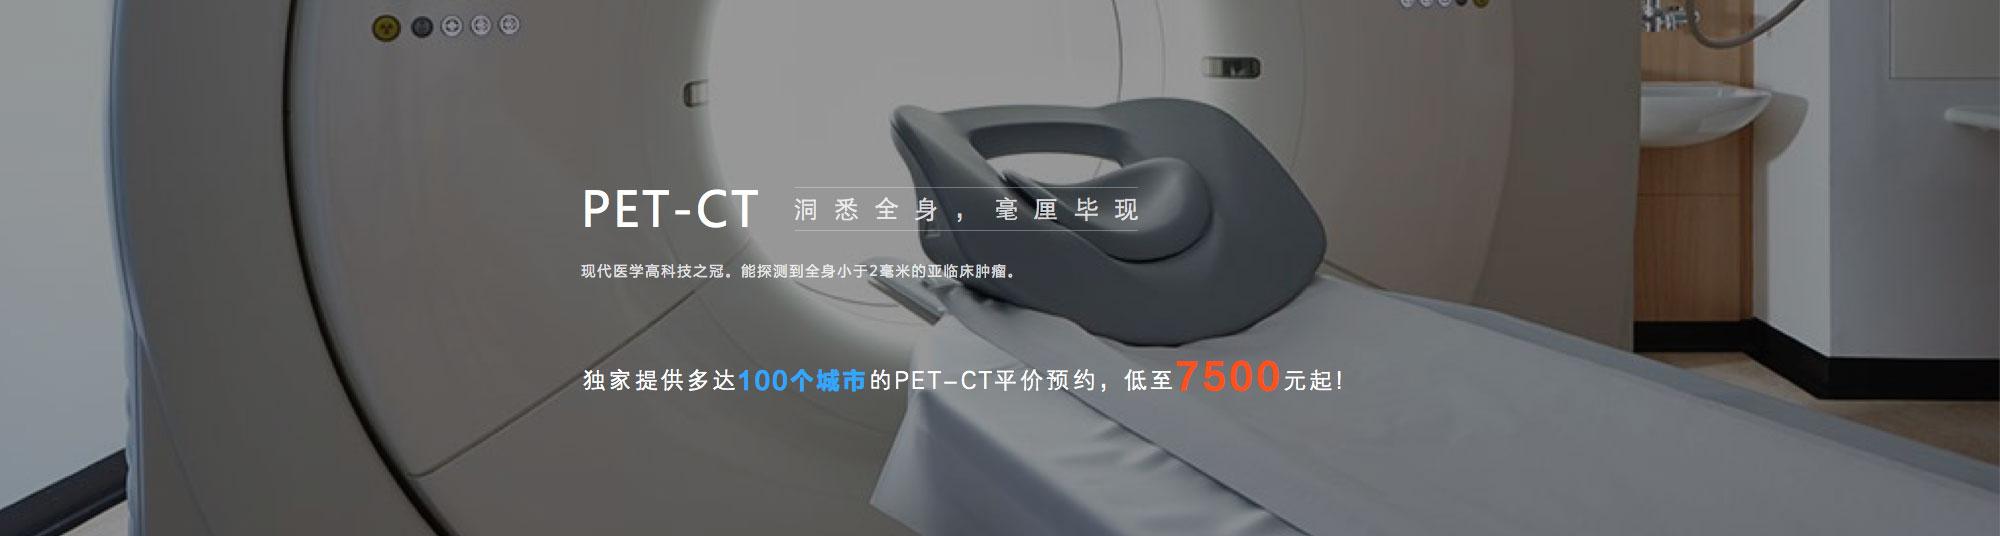 PET CT妫��� 娲����ㄨ韩,姣���姣���